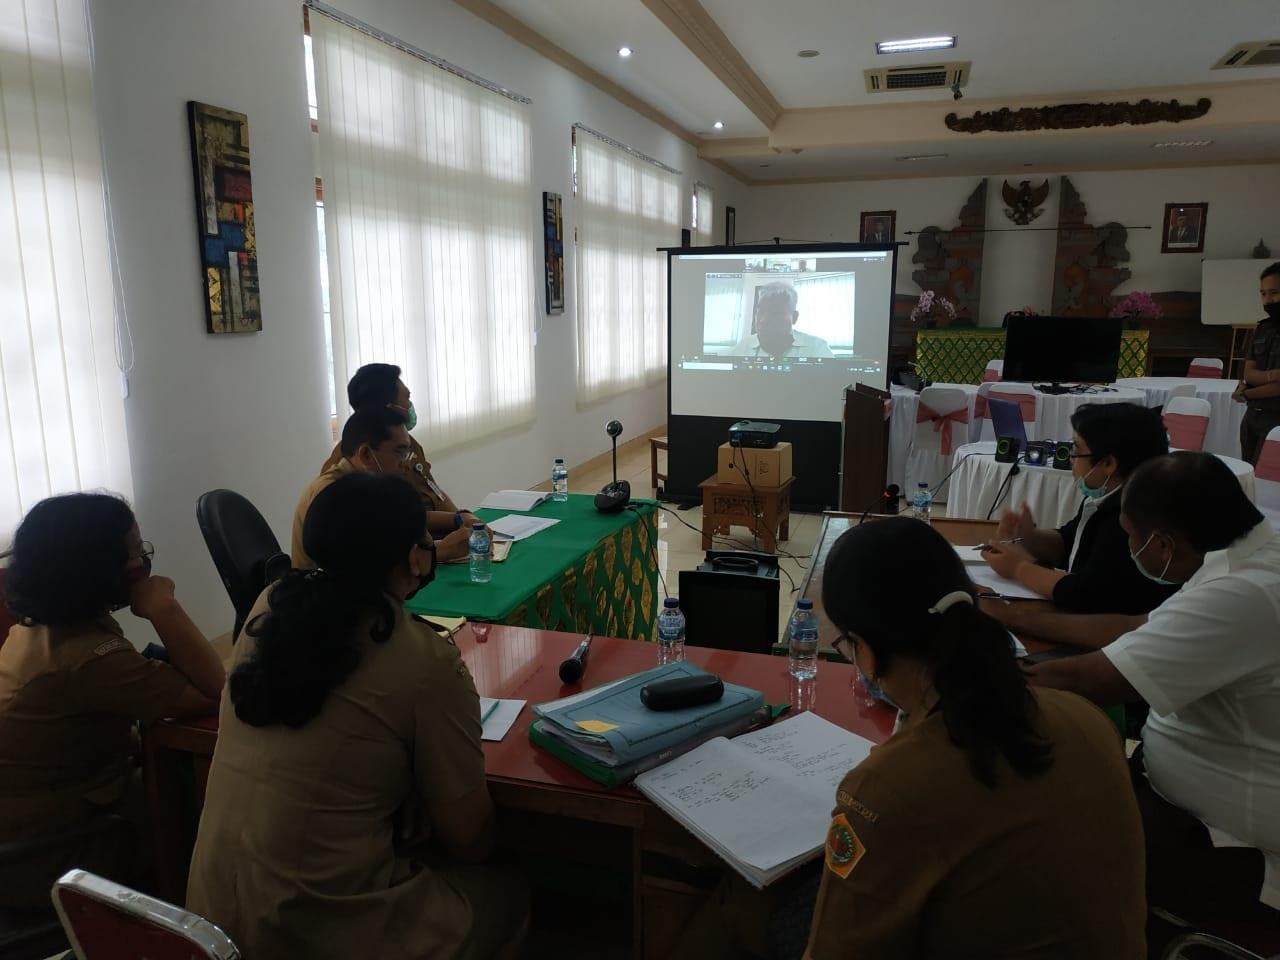 Kejari Gianyar Gelar Rapat, Pastikan Pengadaan Barang/Jasa Terkait Penanggulangan Covid-19 Sesuai Aturan